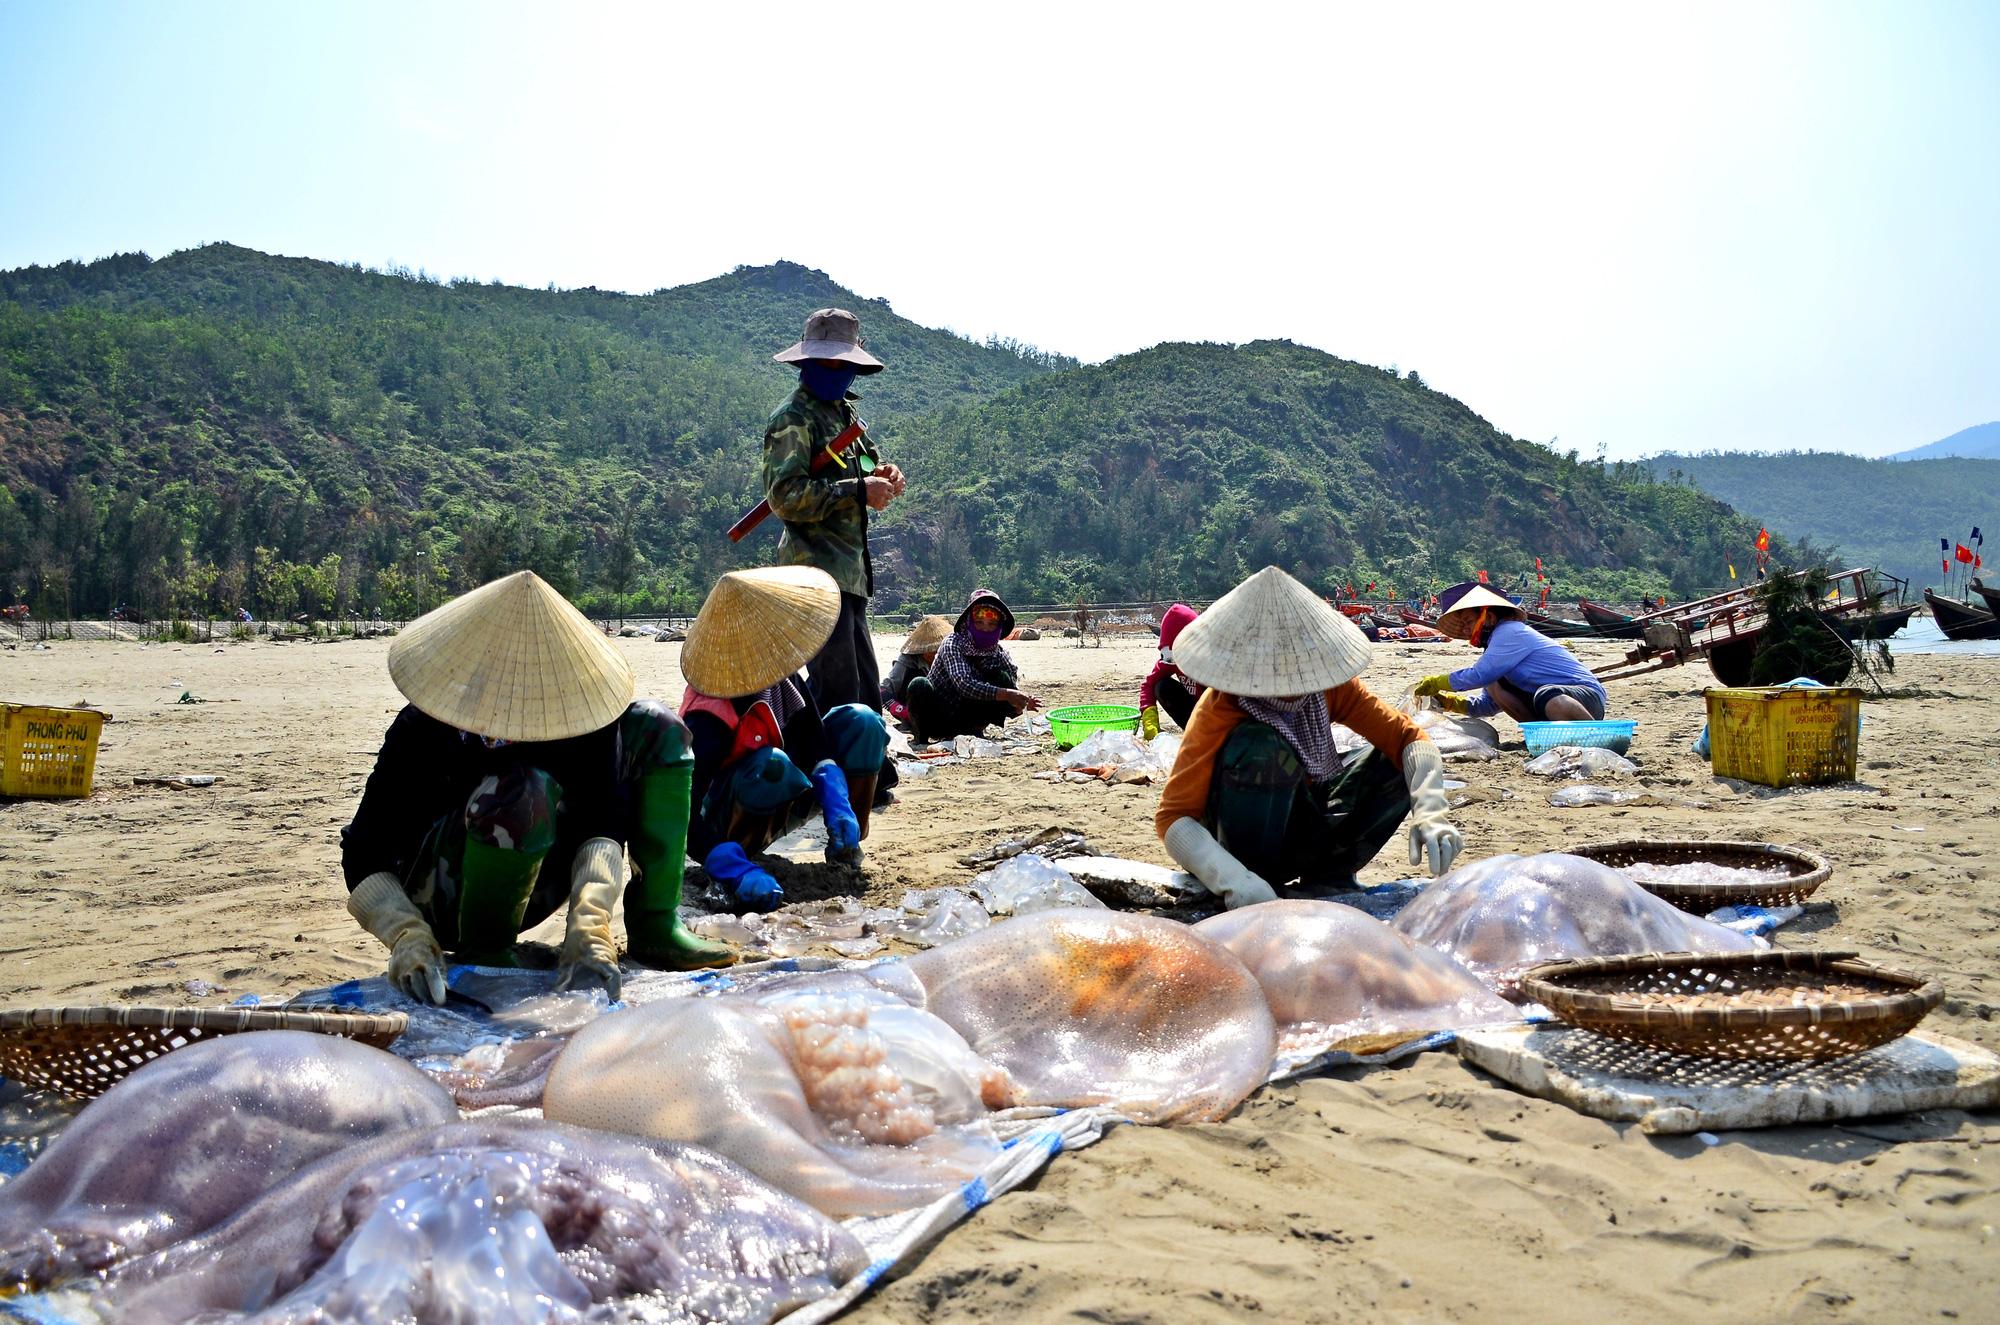 Hà Tĩnh: Nắng nóng, gió lào bỏng rát ngư dân vẫn ra biển thu hoạch sứa kiếm bộn tiền. - Ảnh 2.